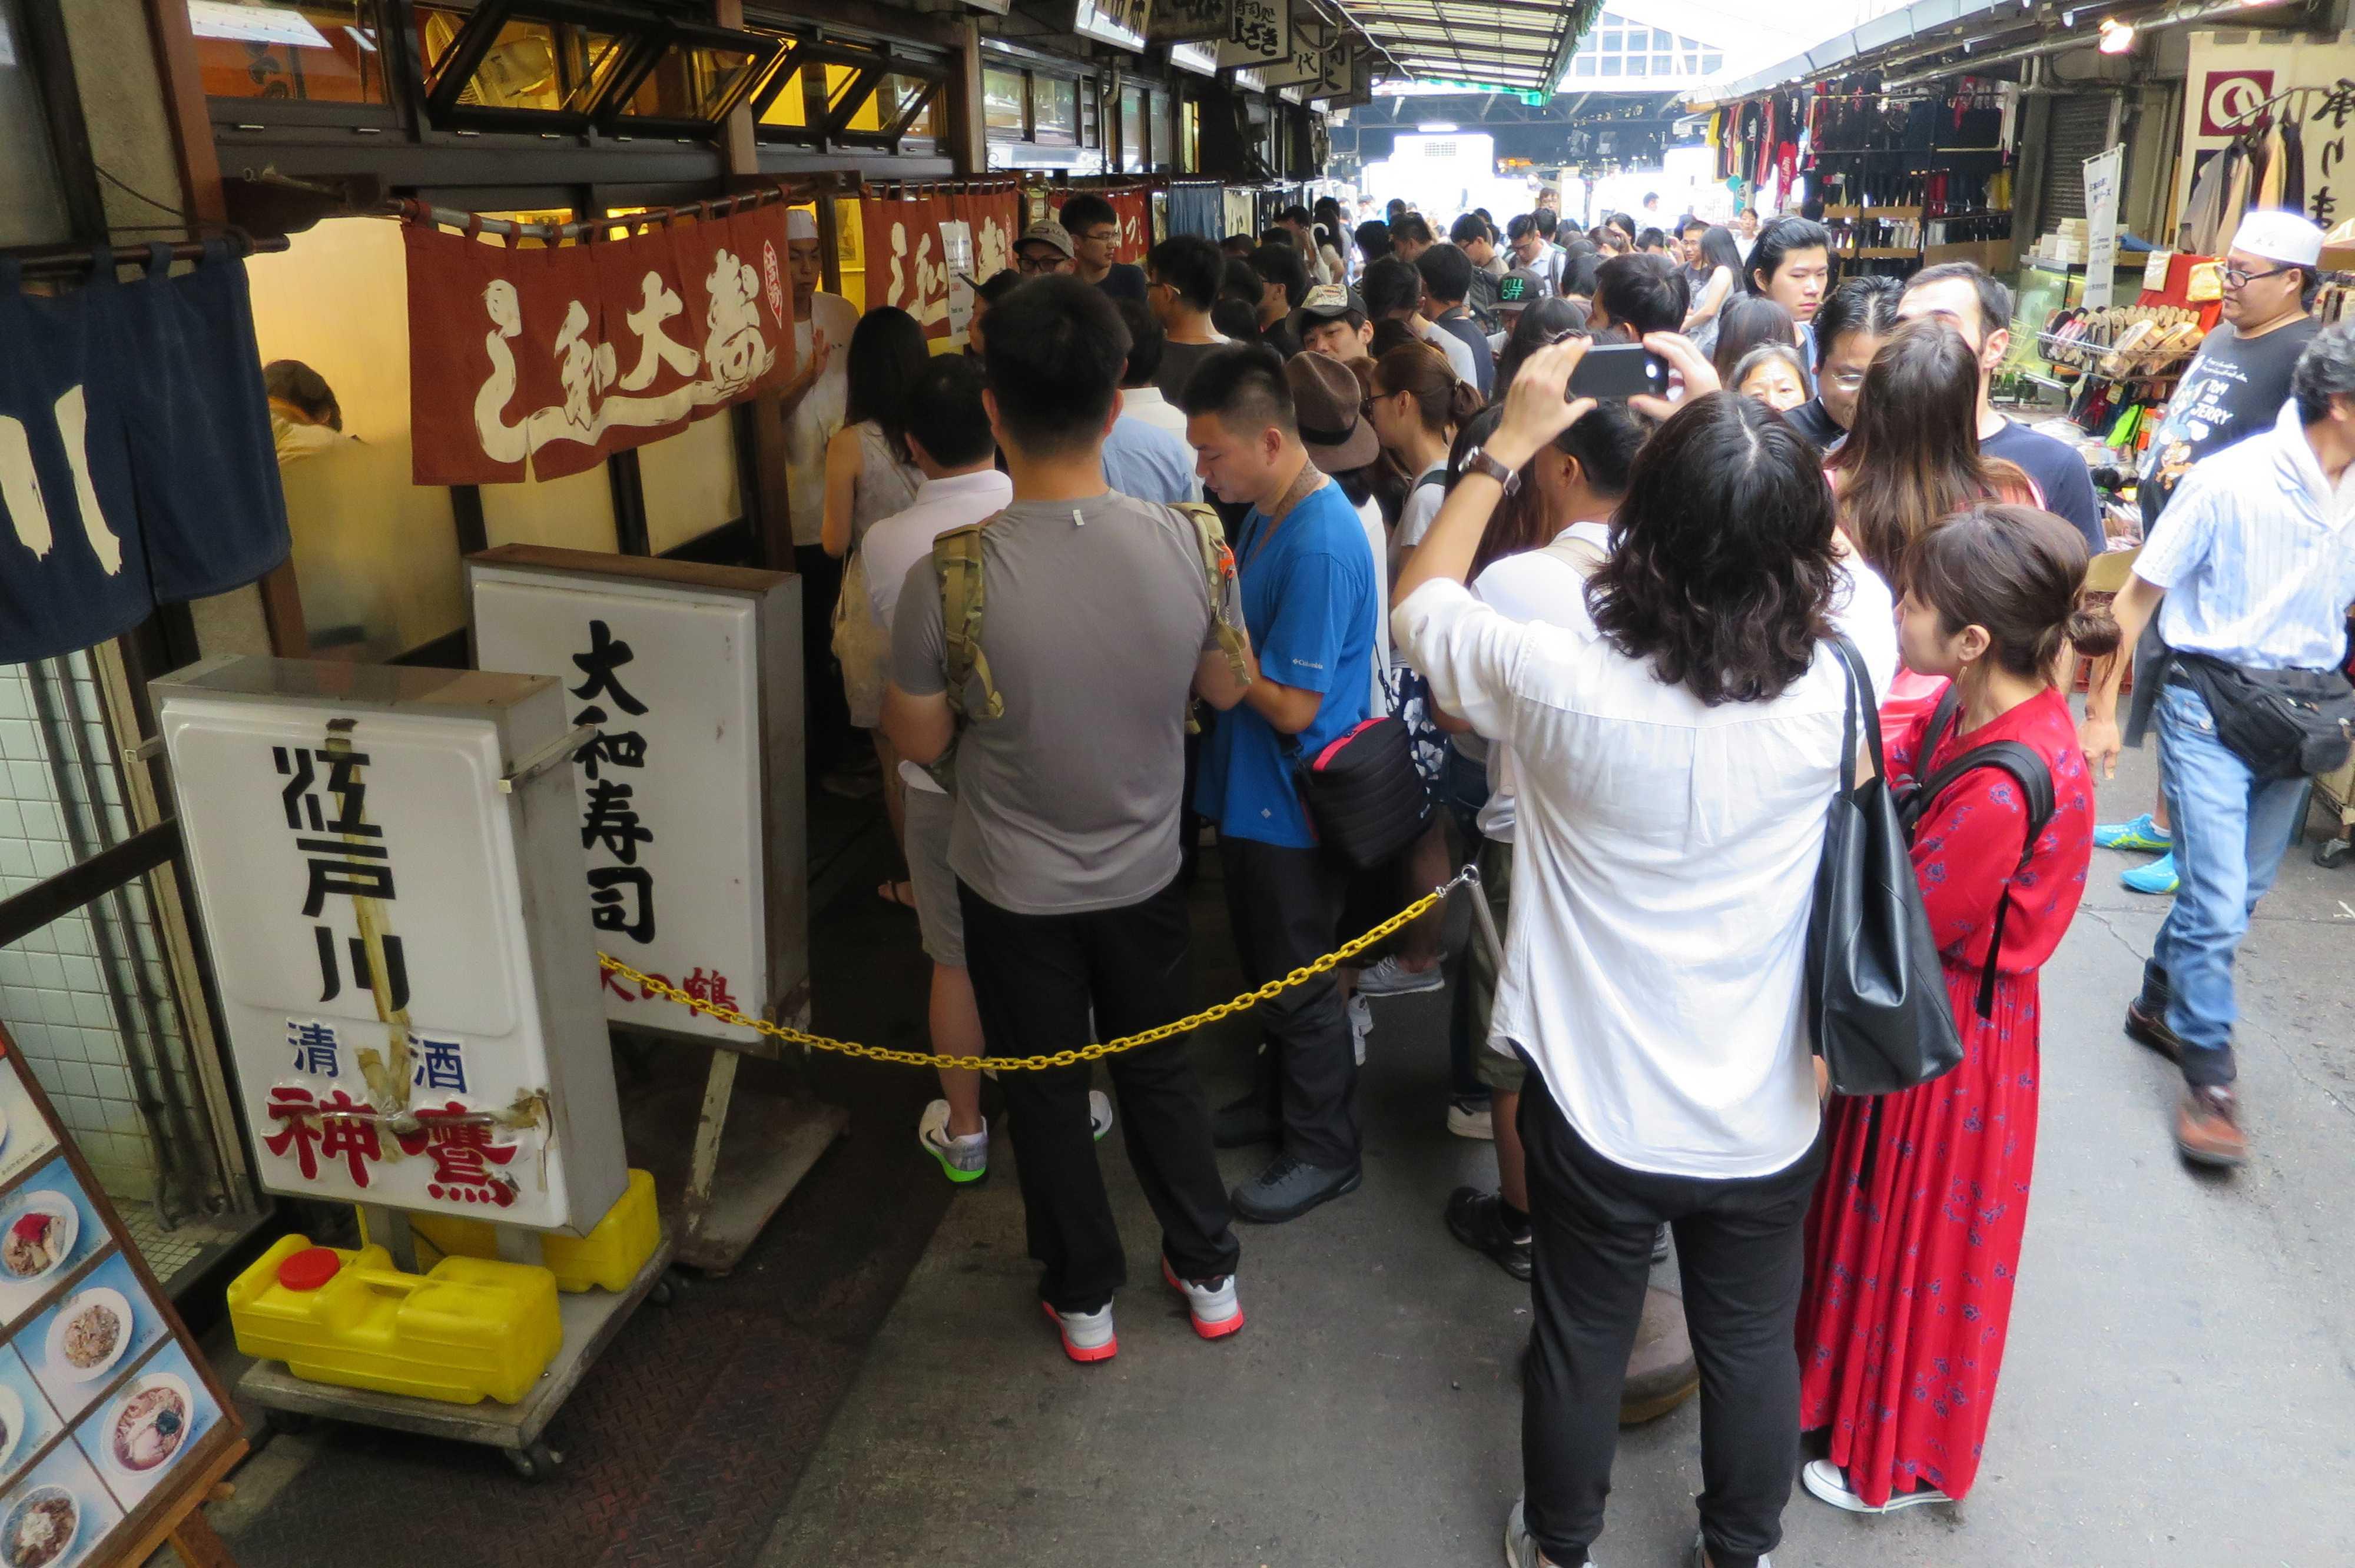 築地市場(場内) - 大和寿司(だいわすし)前の大行列